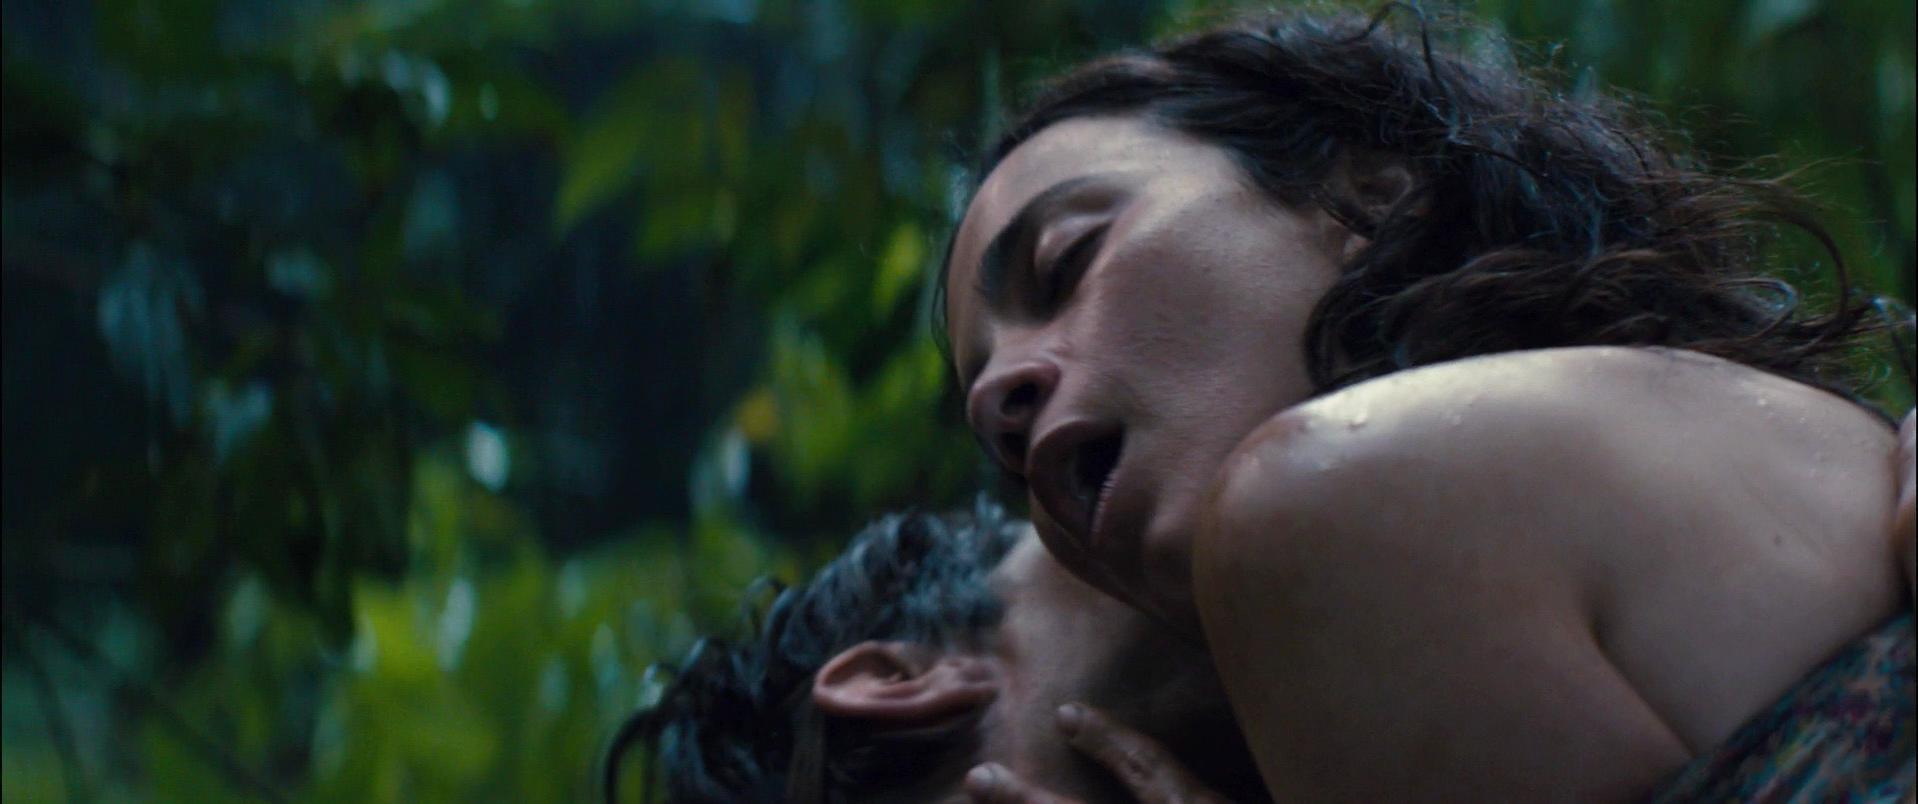 Alice underwearga sexy - El Ardor (2014)